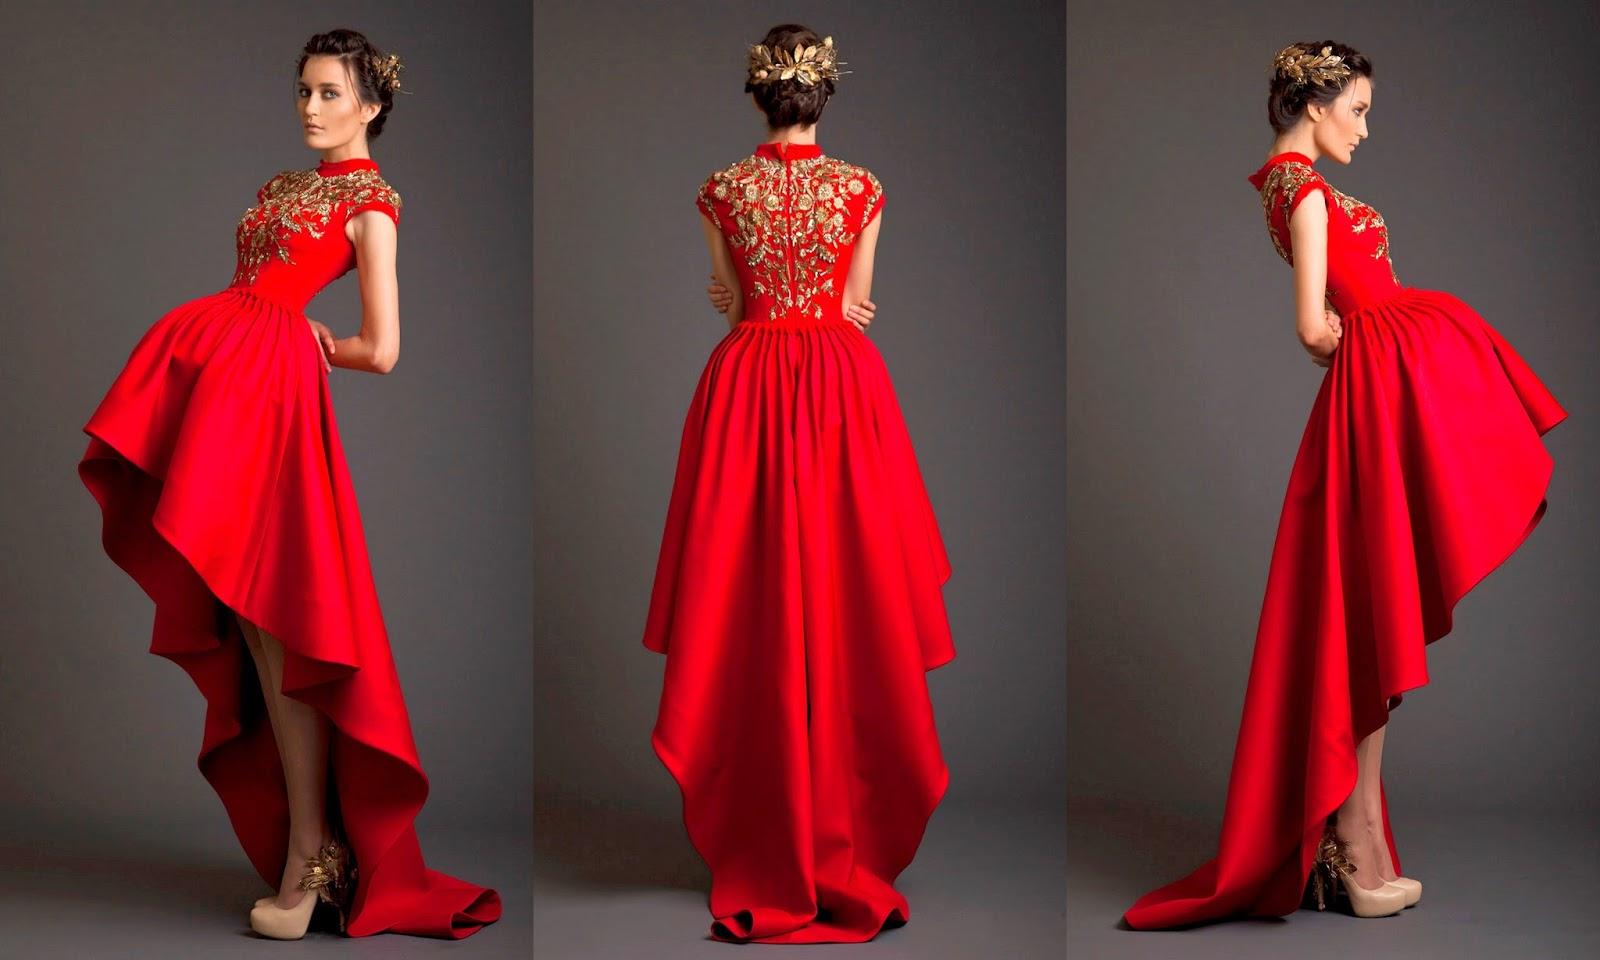 Örmény legenda inspirálta Krikor Jabotian esküvői ruháit - minden-mas, eskuvoi-ruha-2, ujdonsagok -